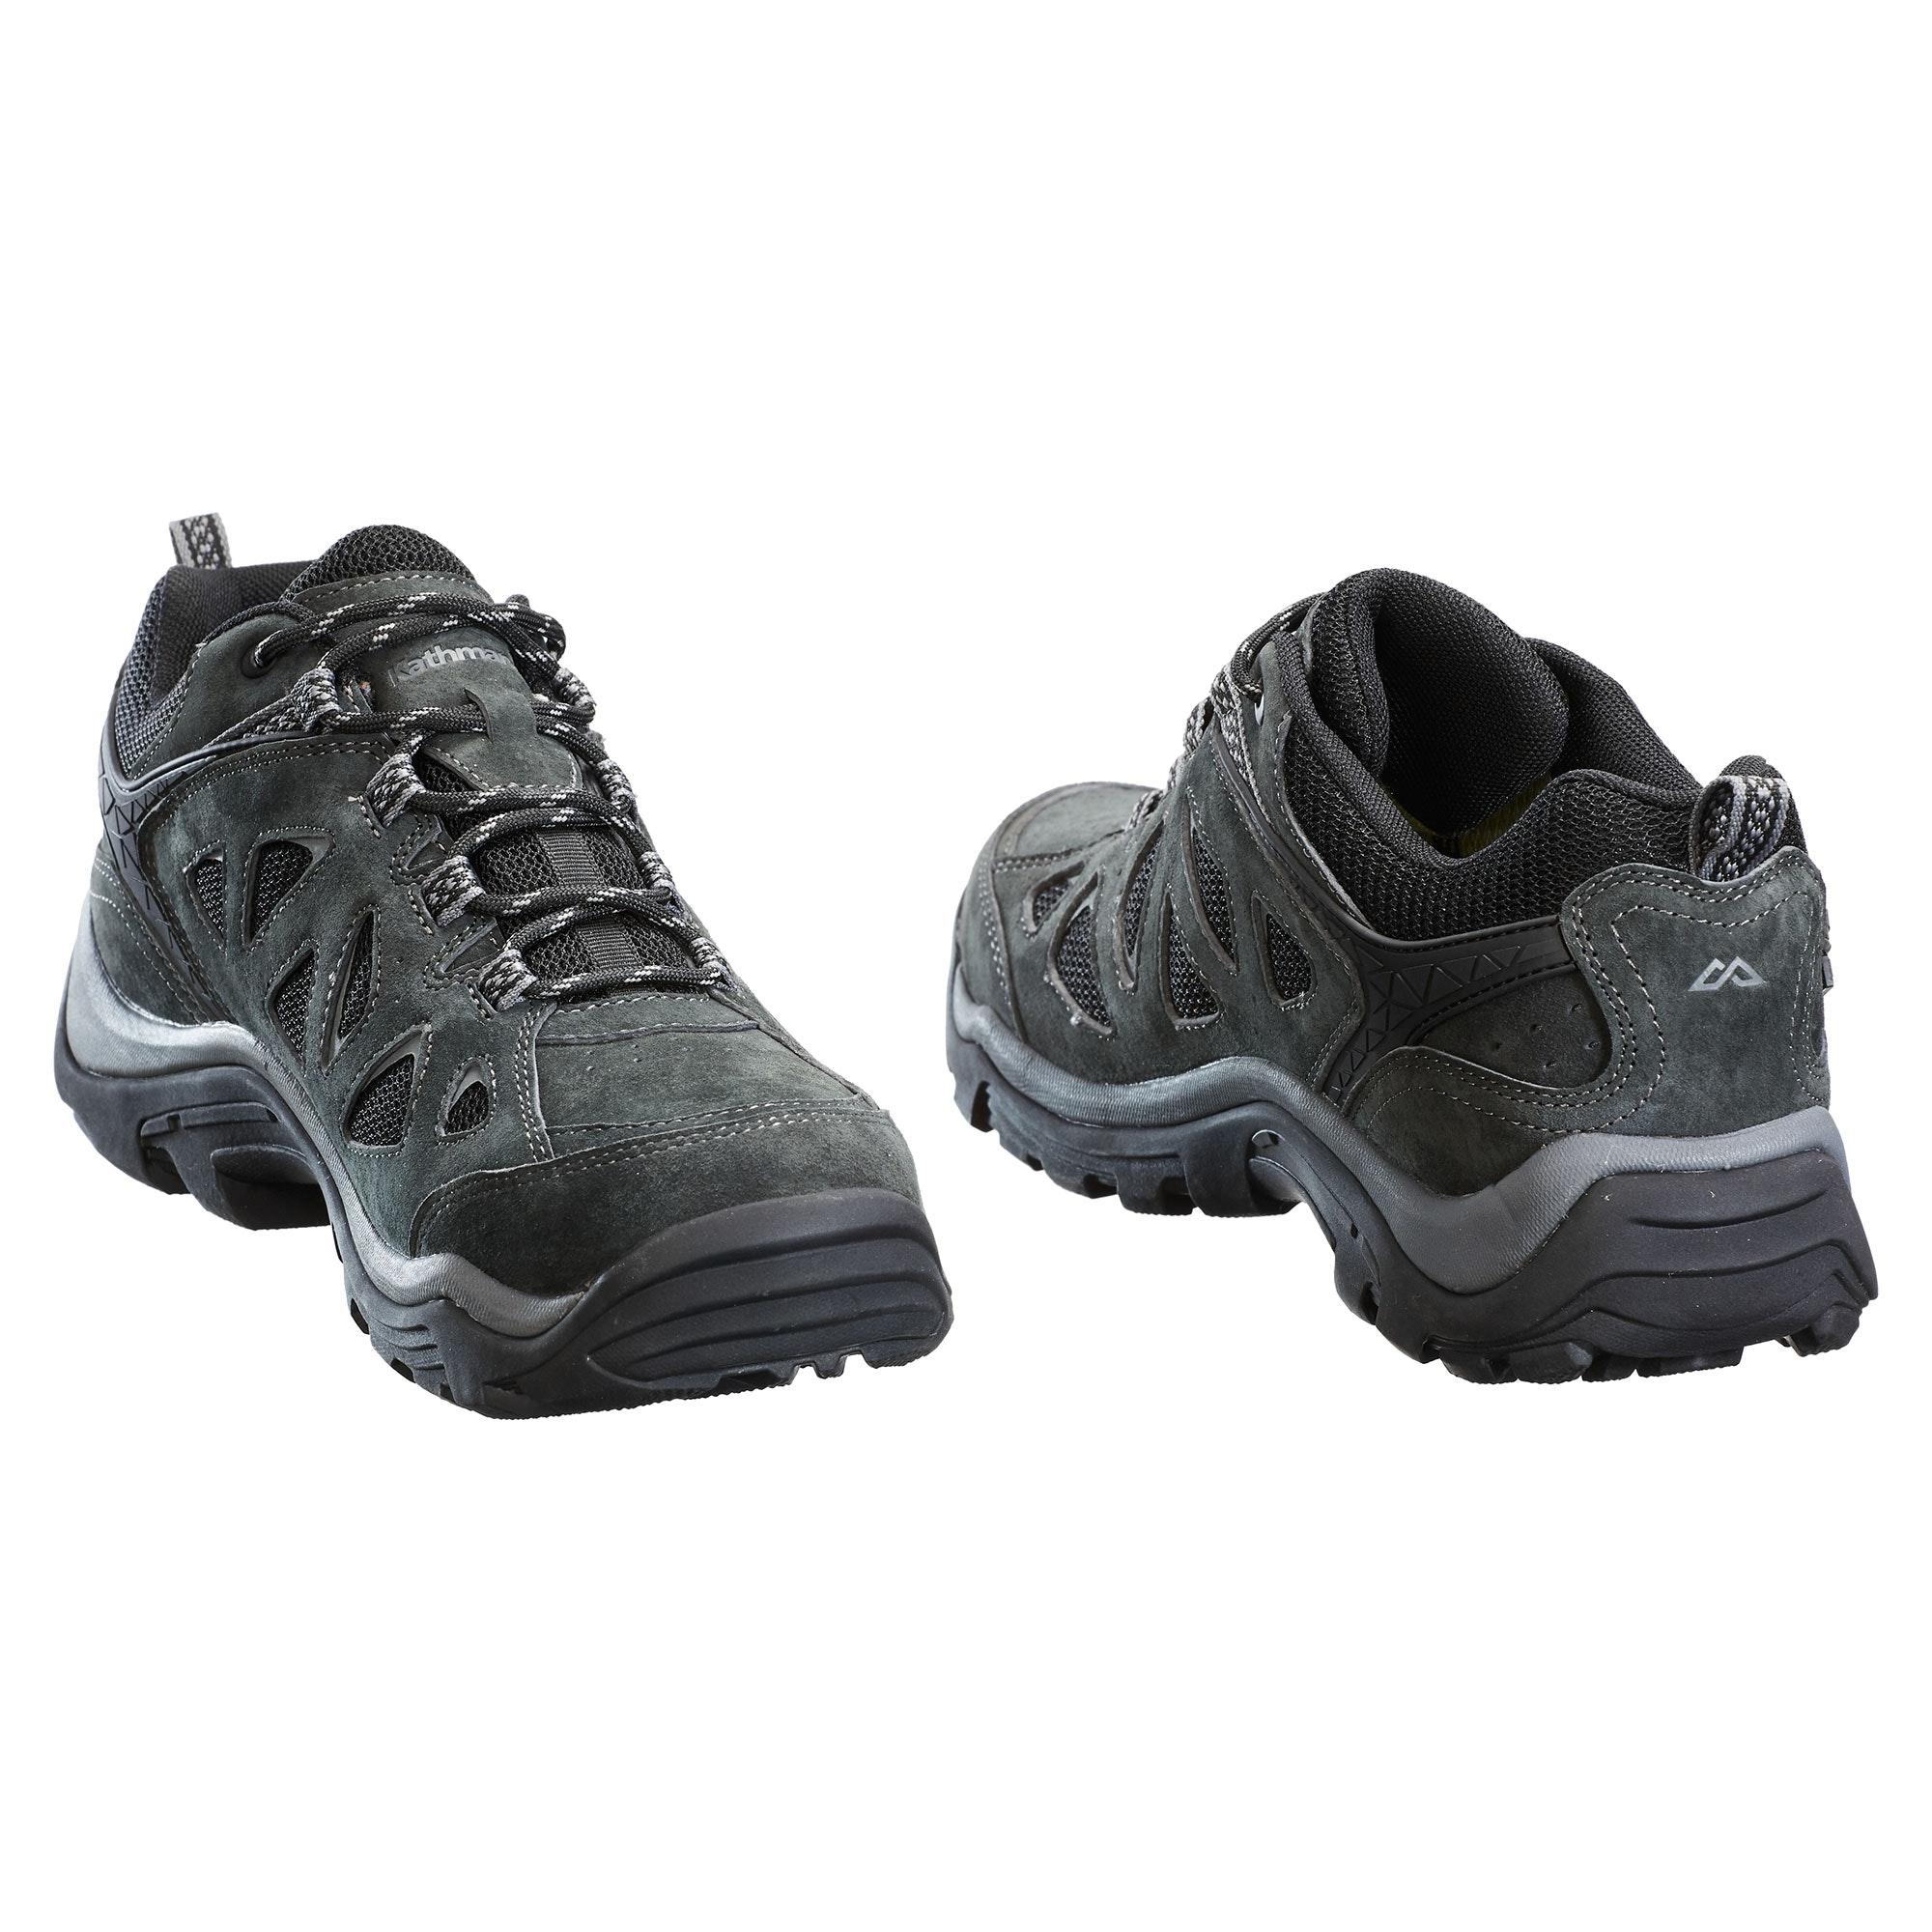 NEW-Kathmandu-Sandover-Men-ngx-Hiking-Shoes-Waterproof-Breathable-Liner-Vibram thumbnail 7